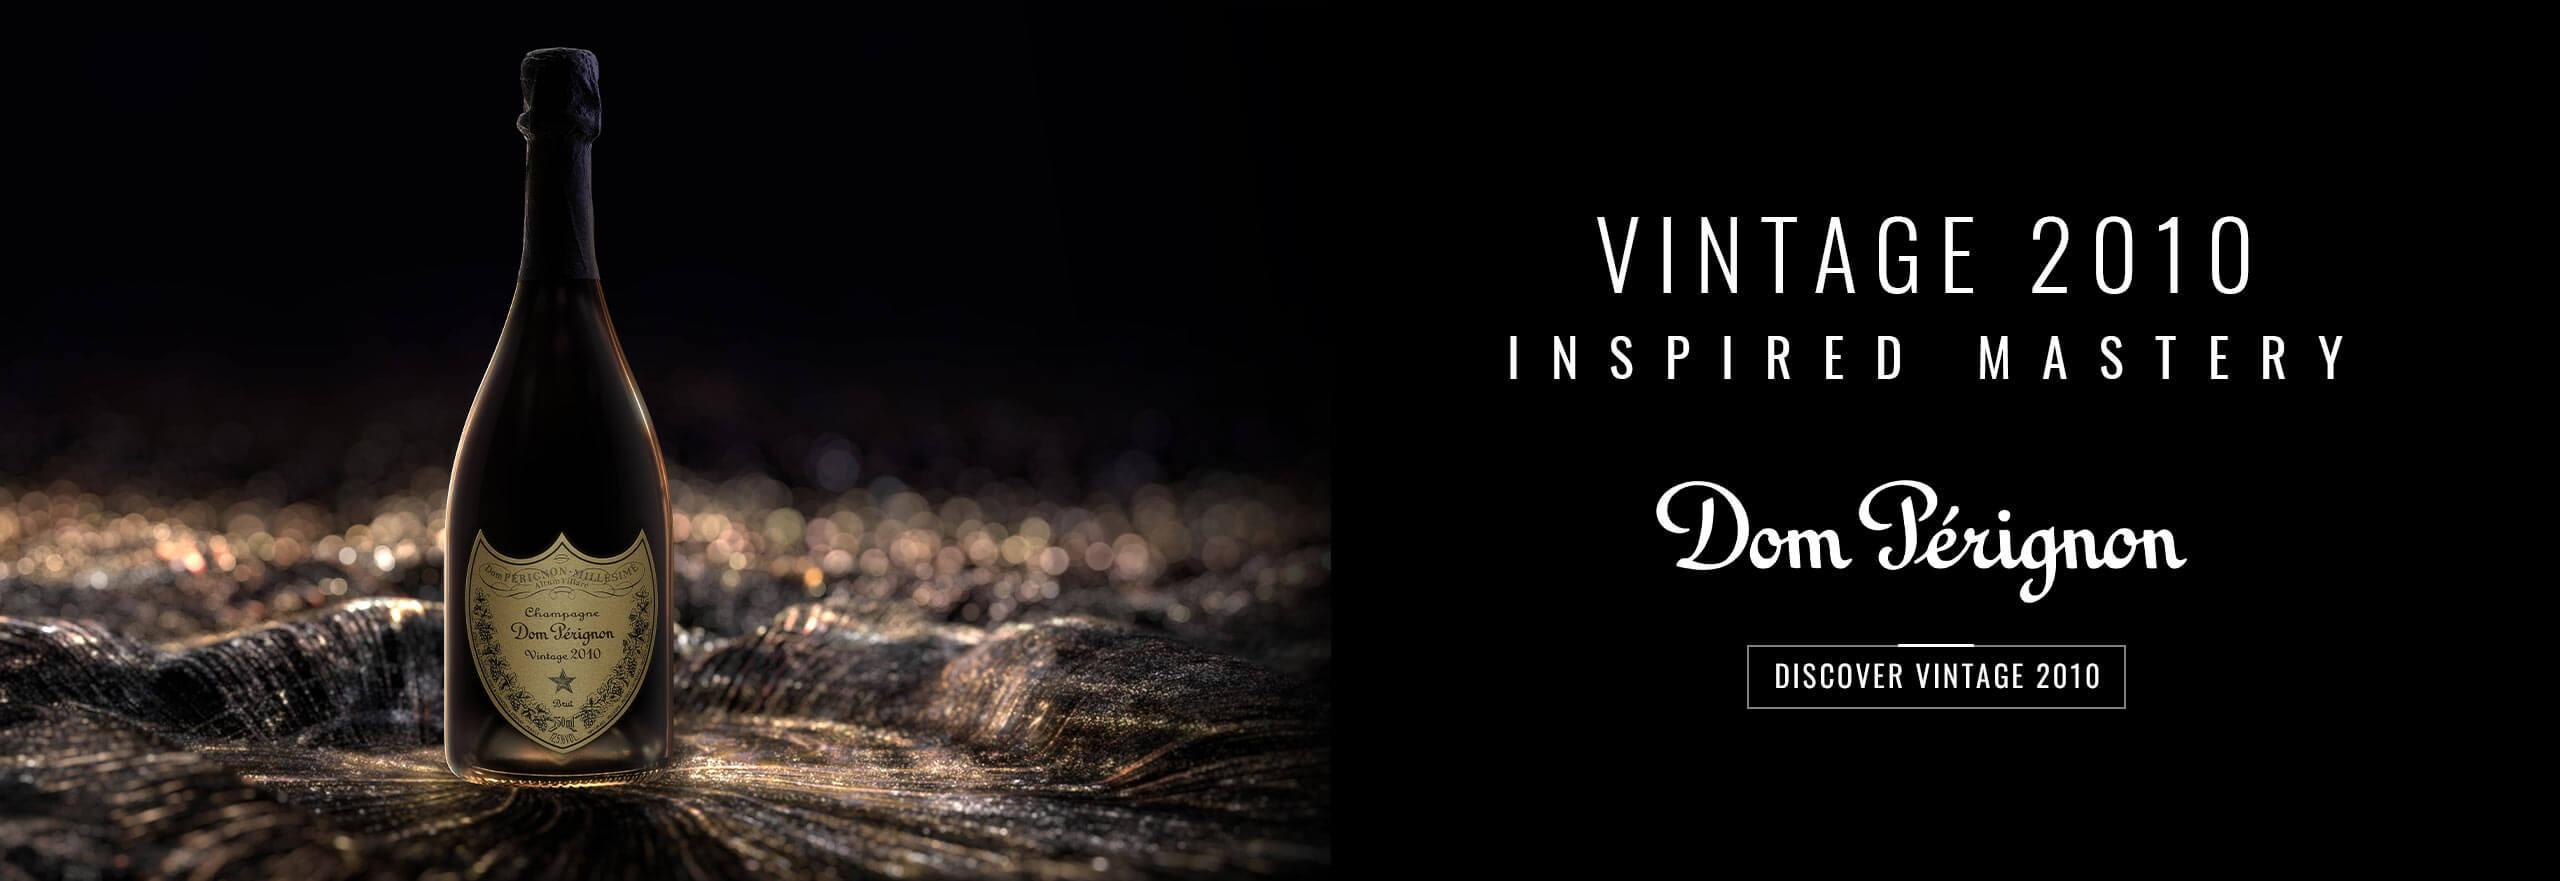 Champagne Dom Pérignon Vintage 2010